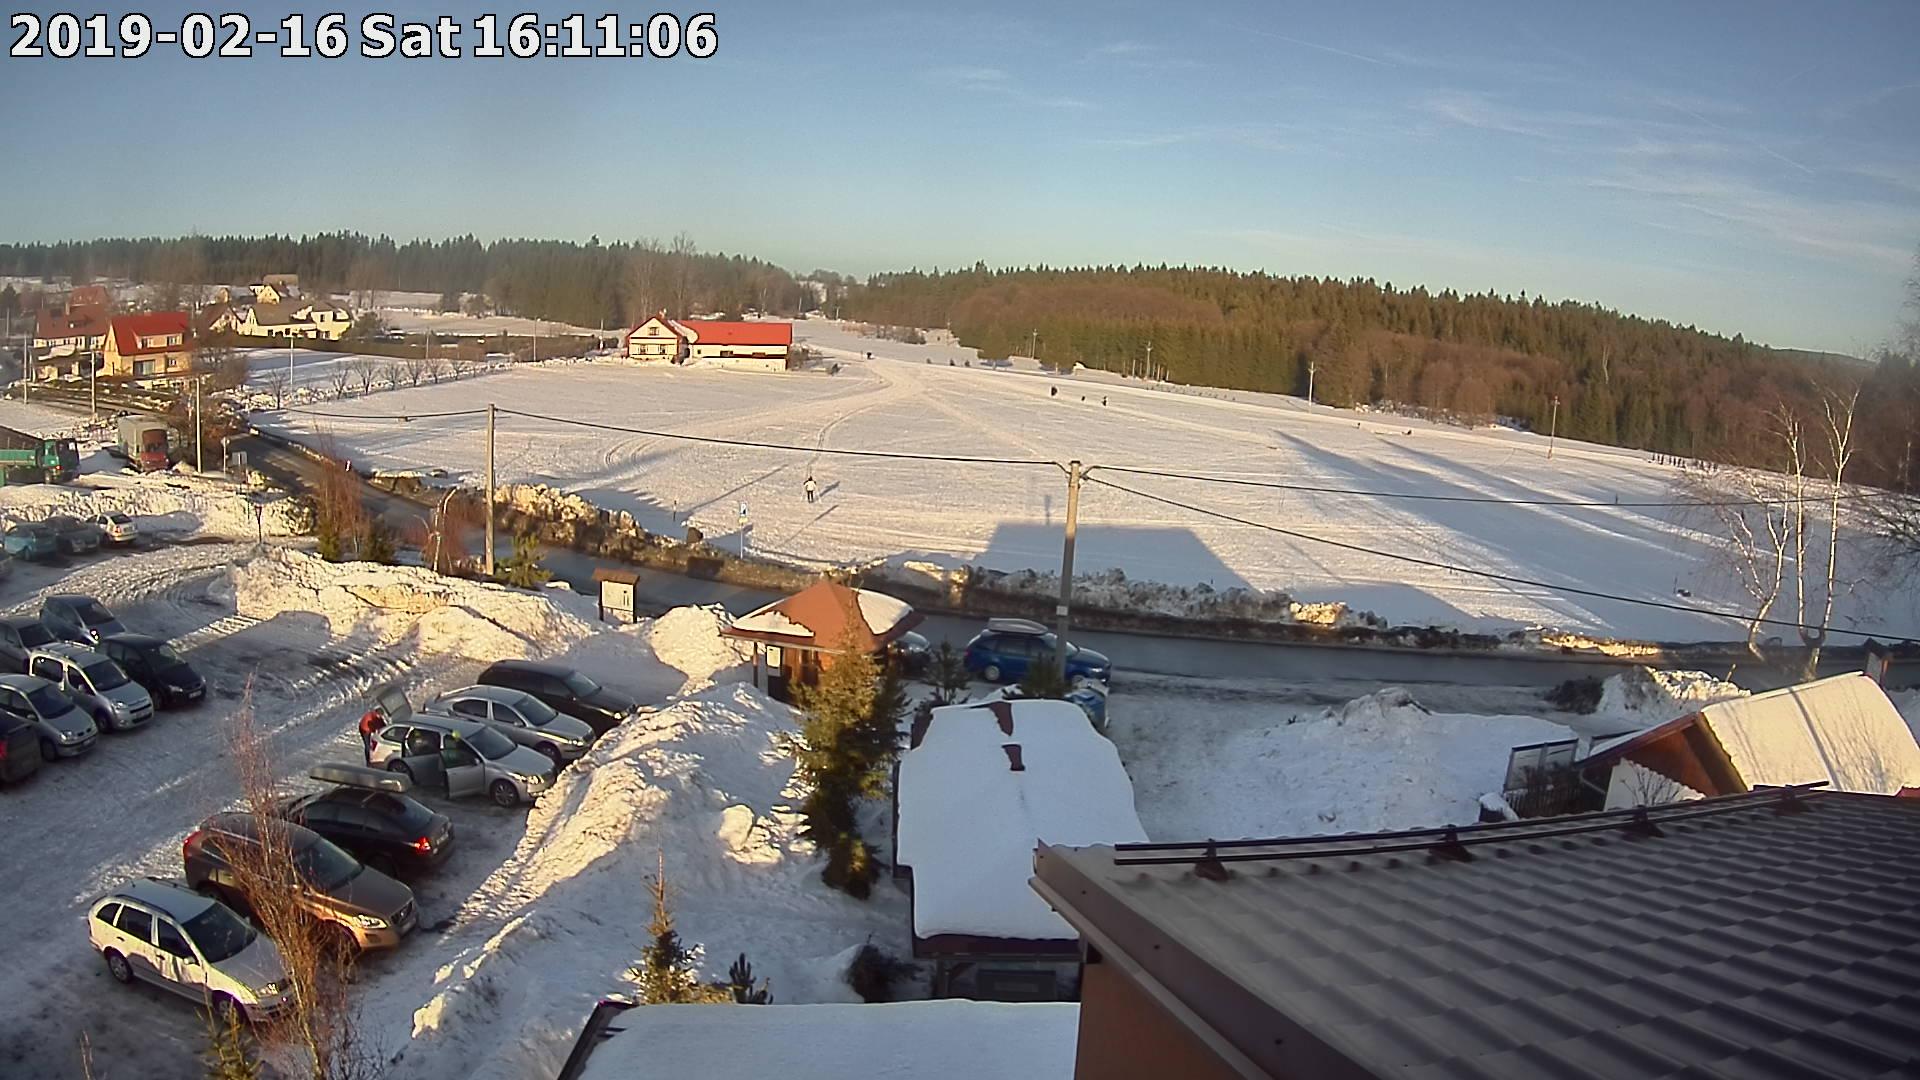 Webkamera ze dne 2019-02-16